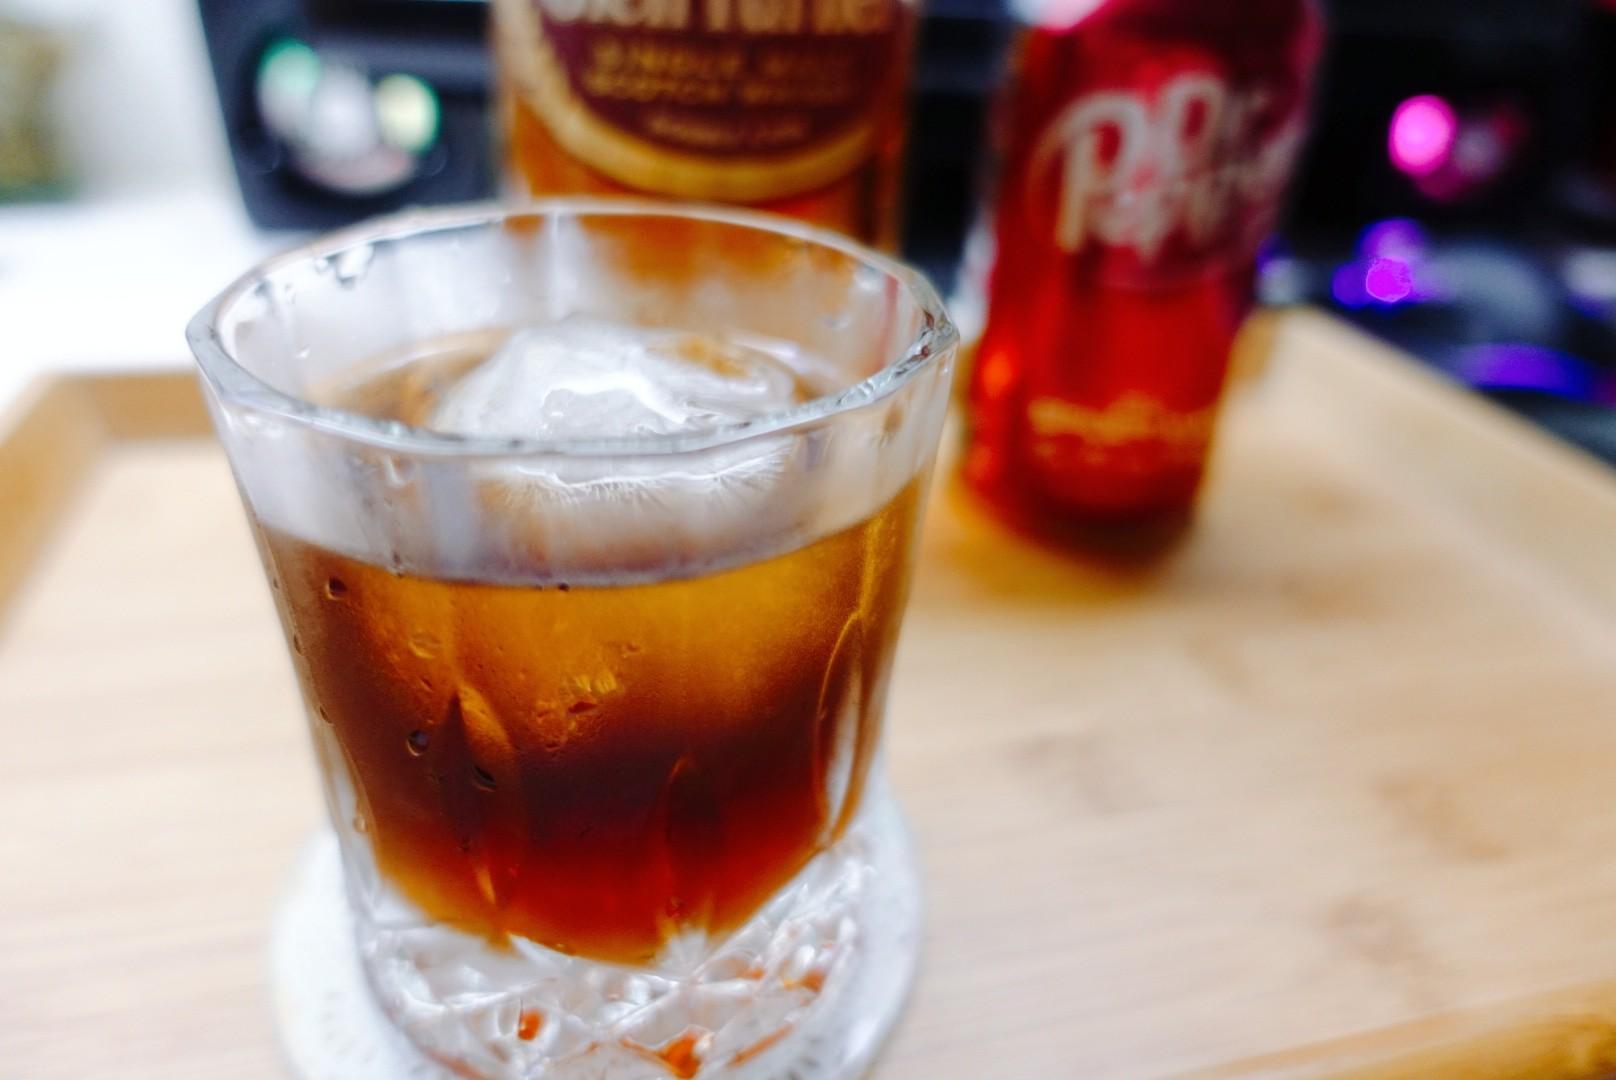 【酒譜】簡單在家調系列(二)|Dr Pepper與威士忌結合的智慧飲品